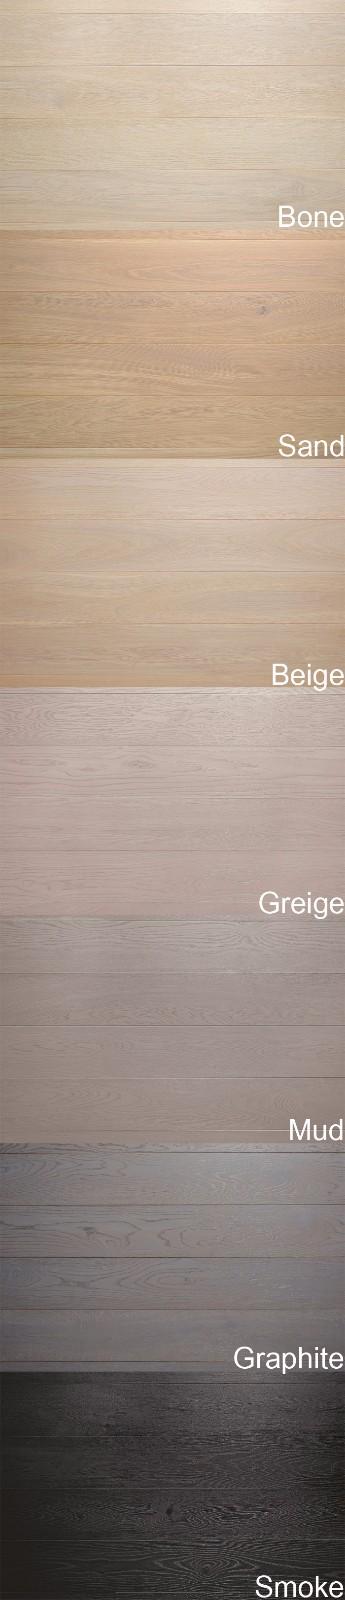 素材设计 木材贴图